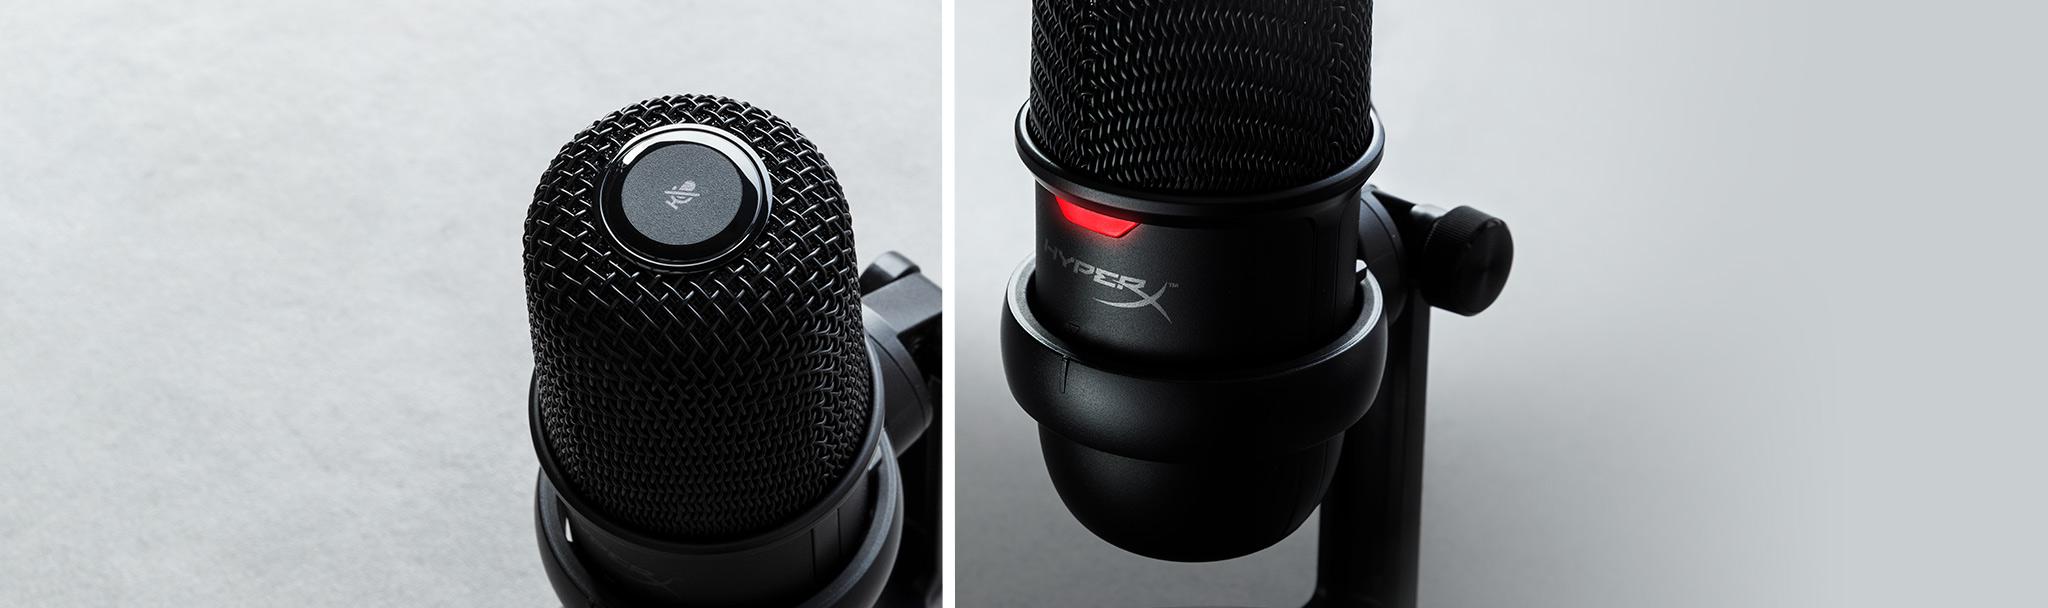 Microphone Kingston HyperX Solocast - Standalone Microphone HMIS1X-XX-BK/G có thể tắt tiếng chỉ với 1 chạm